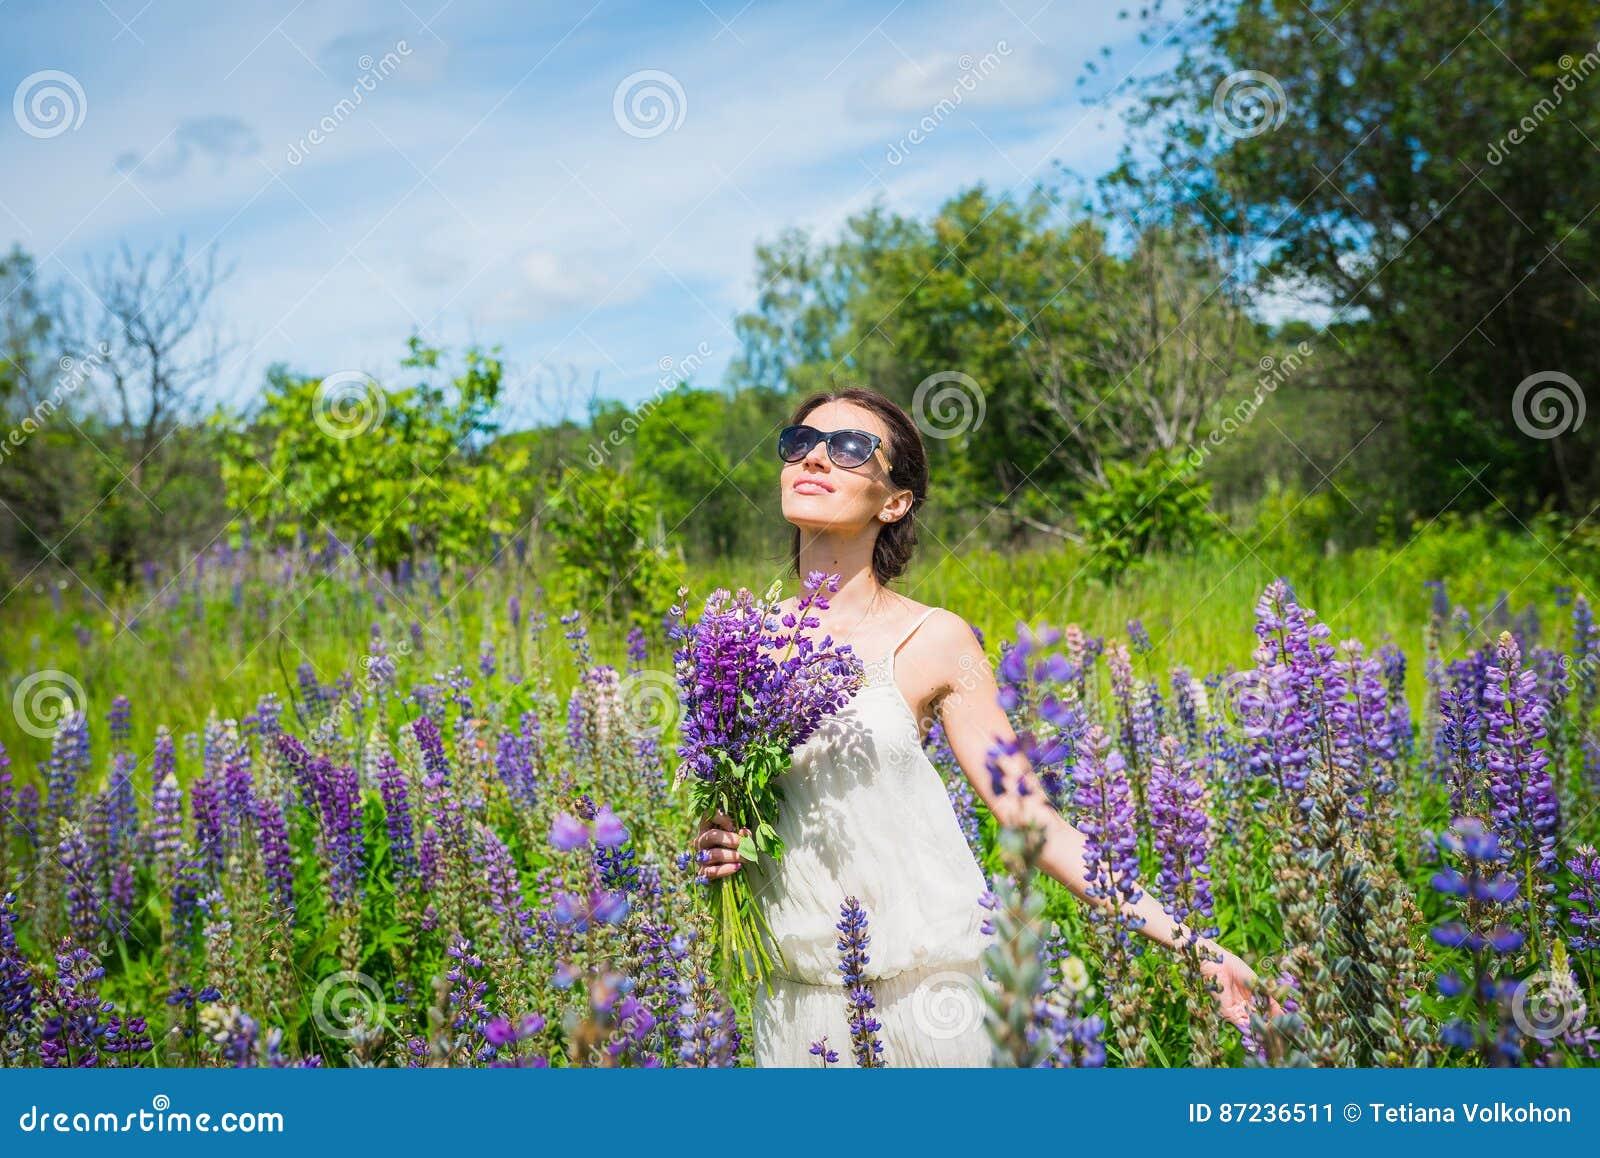 Mujer joven, feliz, situación entre el campo de los lupines violetas, sonriendo, flores púrpuras Cielo azul en el fondo Verano, c